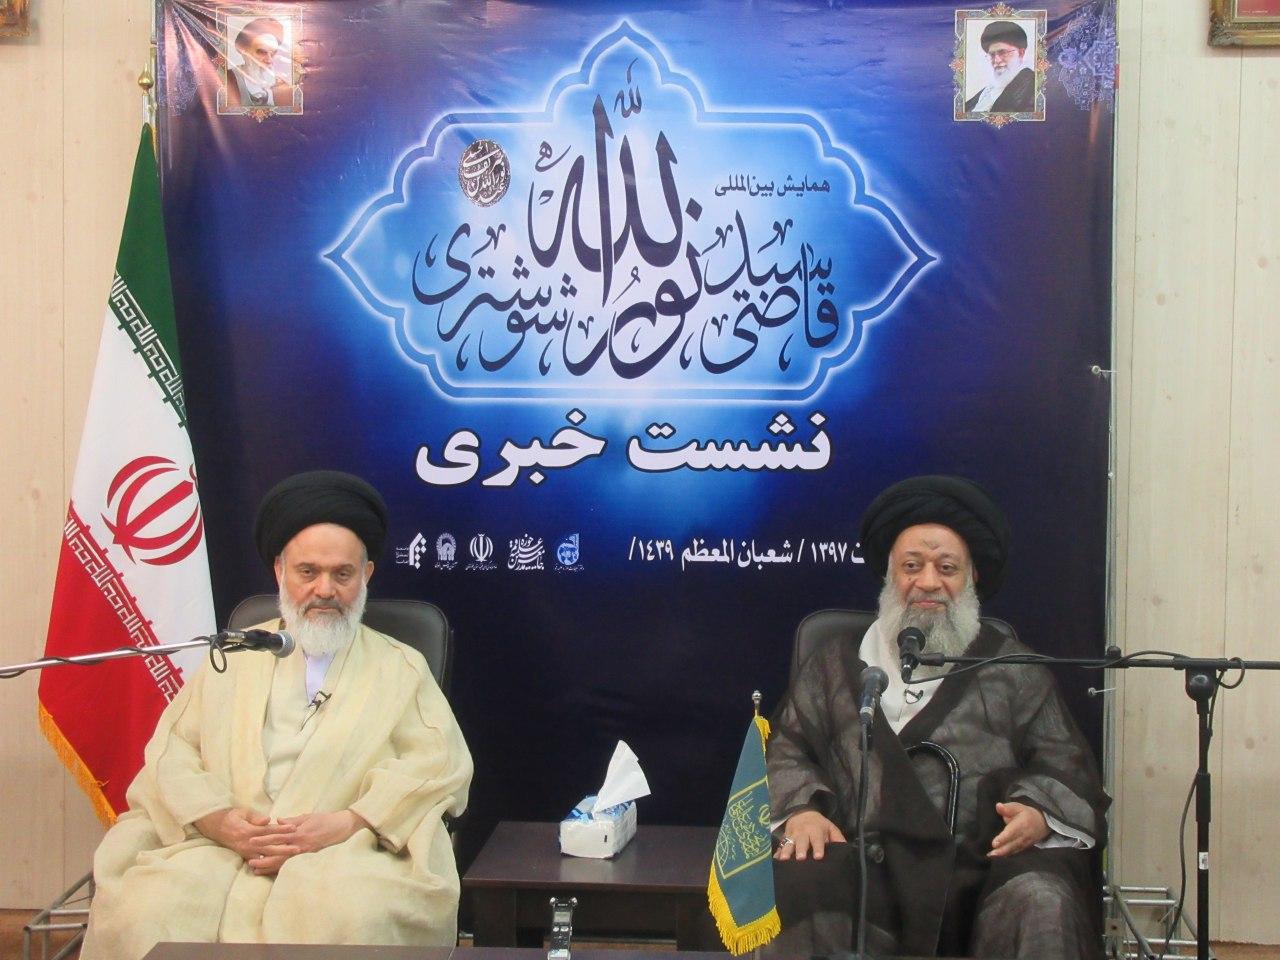 نشست خبری همایش بین المللی قاضی سید نور الله شوشتری